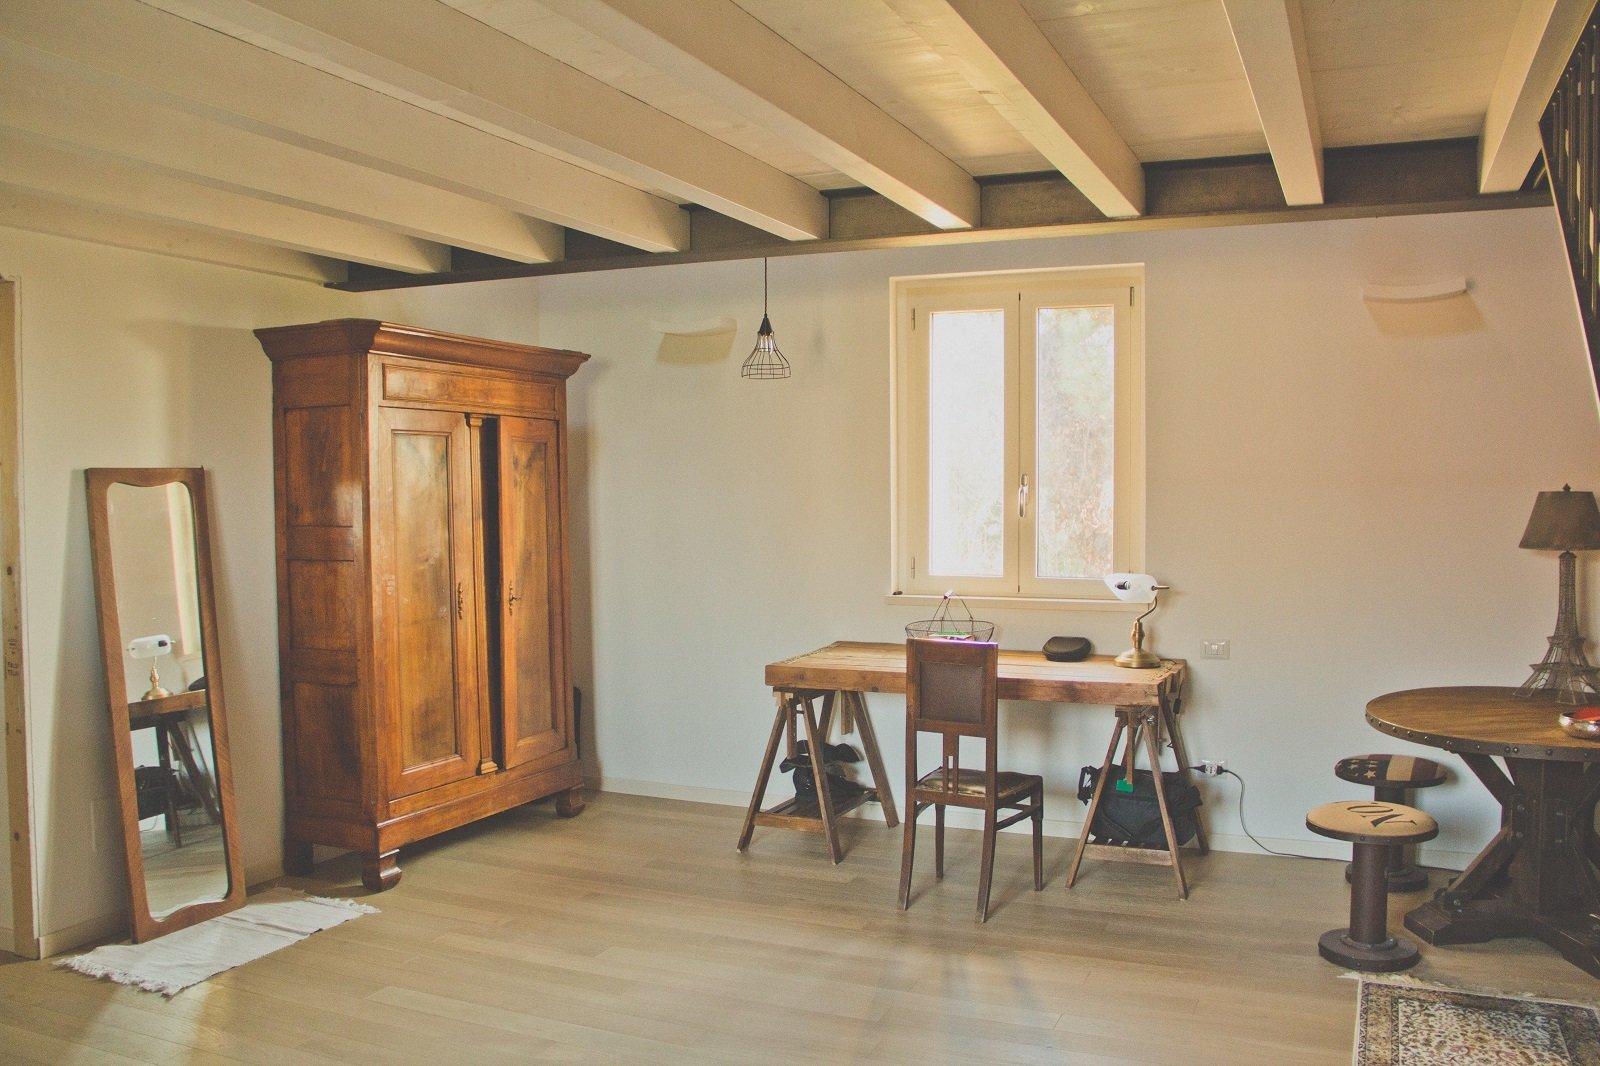 Mobili In Legno E Ferro : Mobili bagno ferro e legno design casa creativa e mobili ispiratori